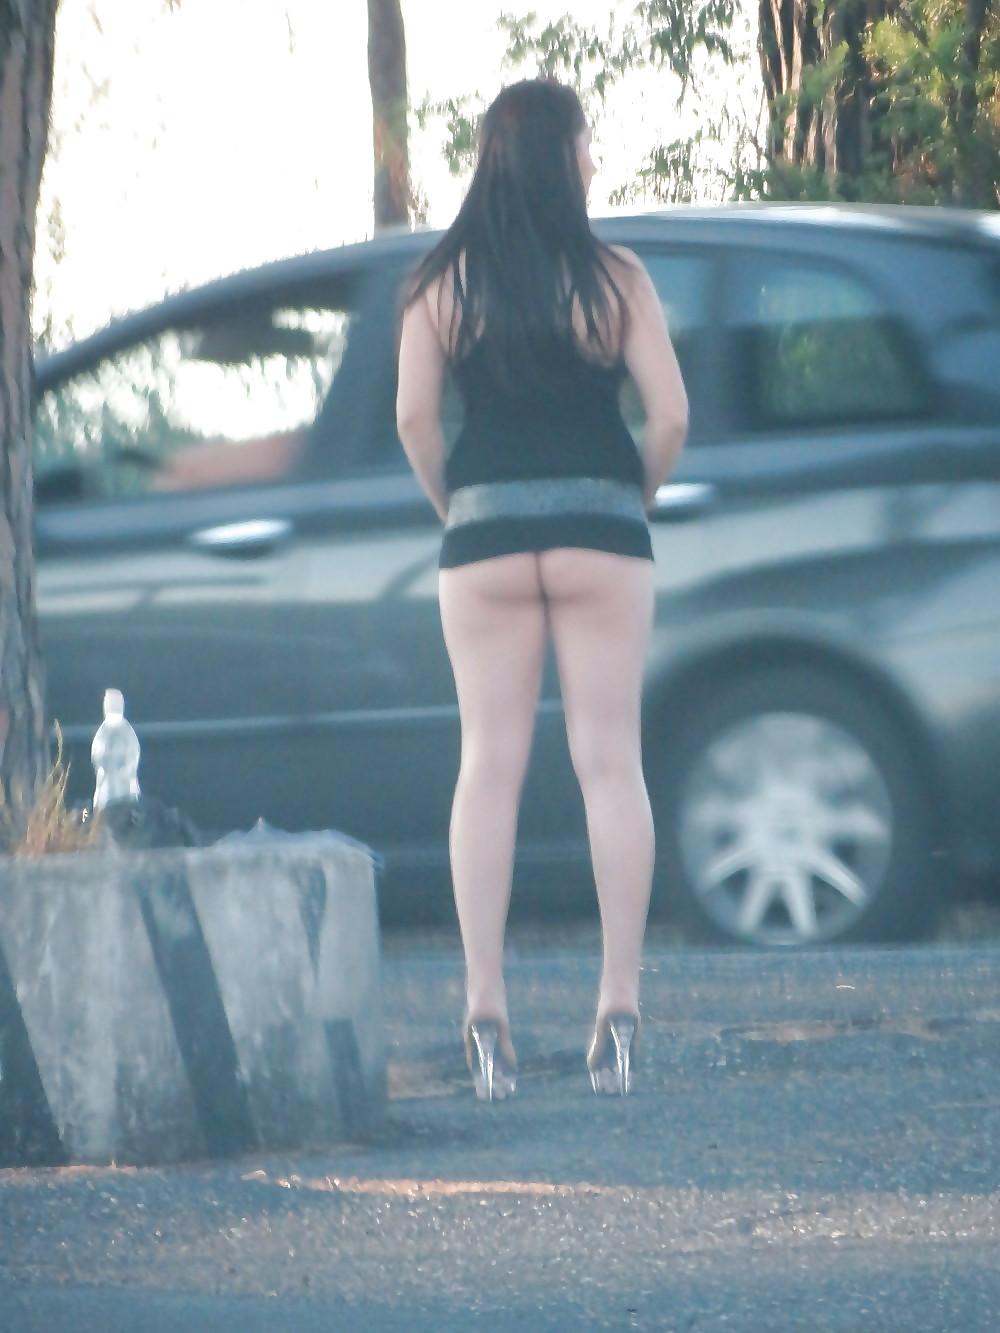 Hots Prostitute Nude Scenes